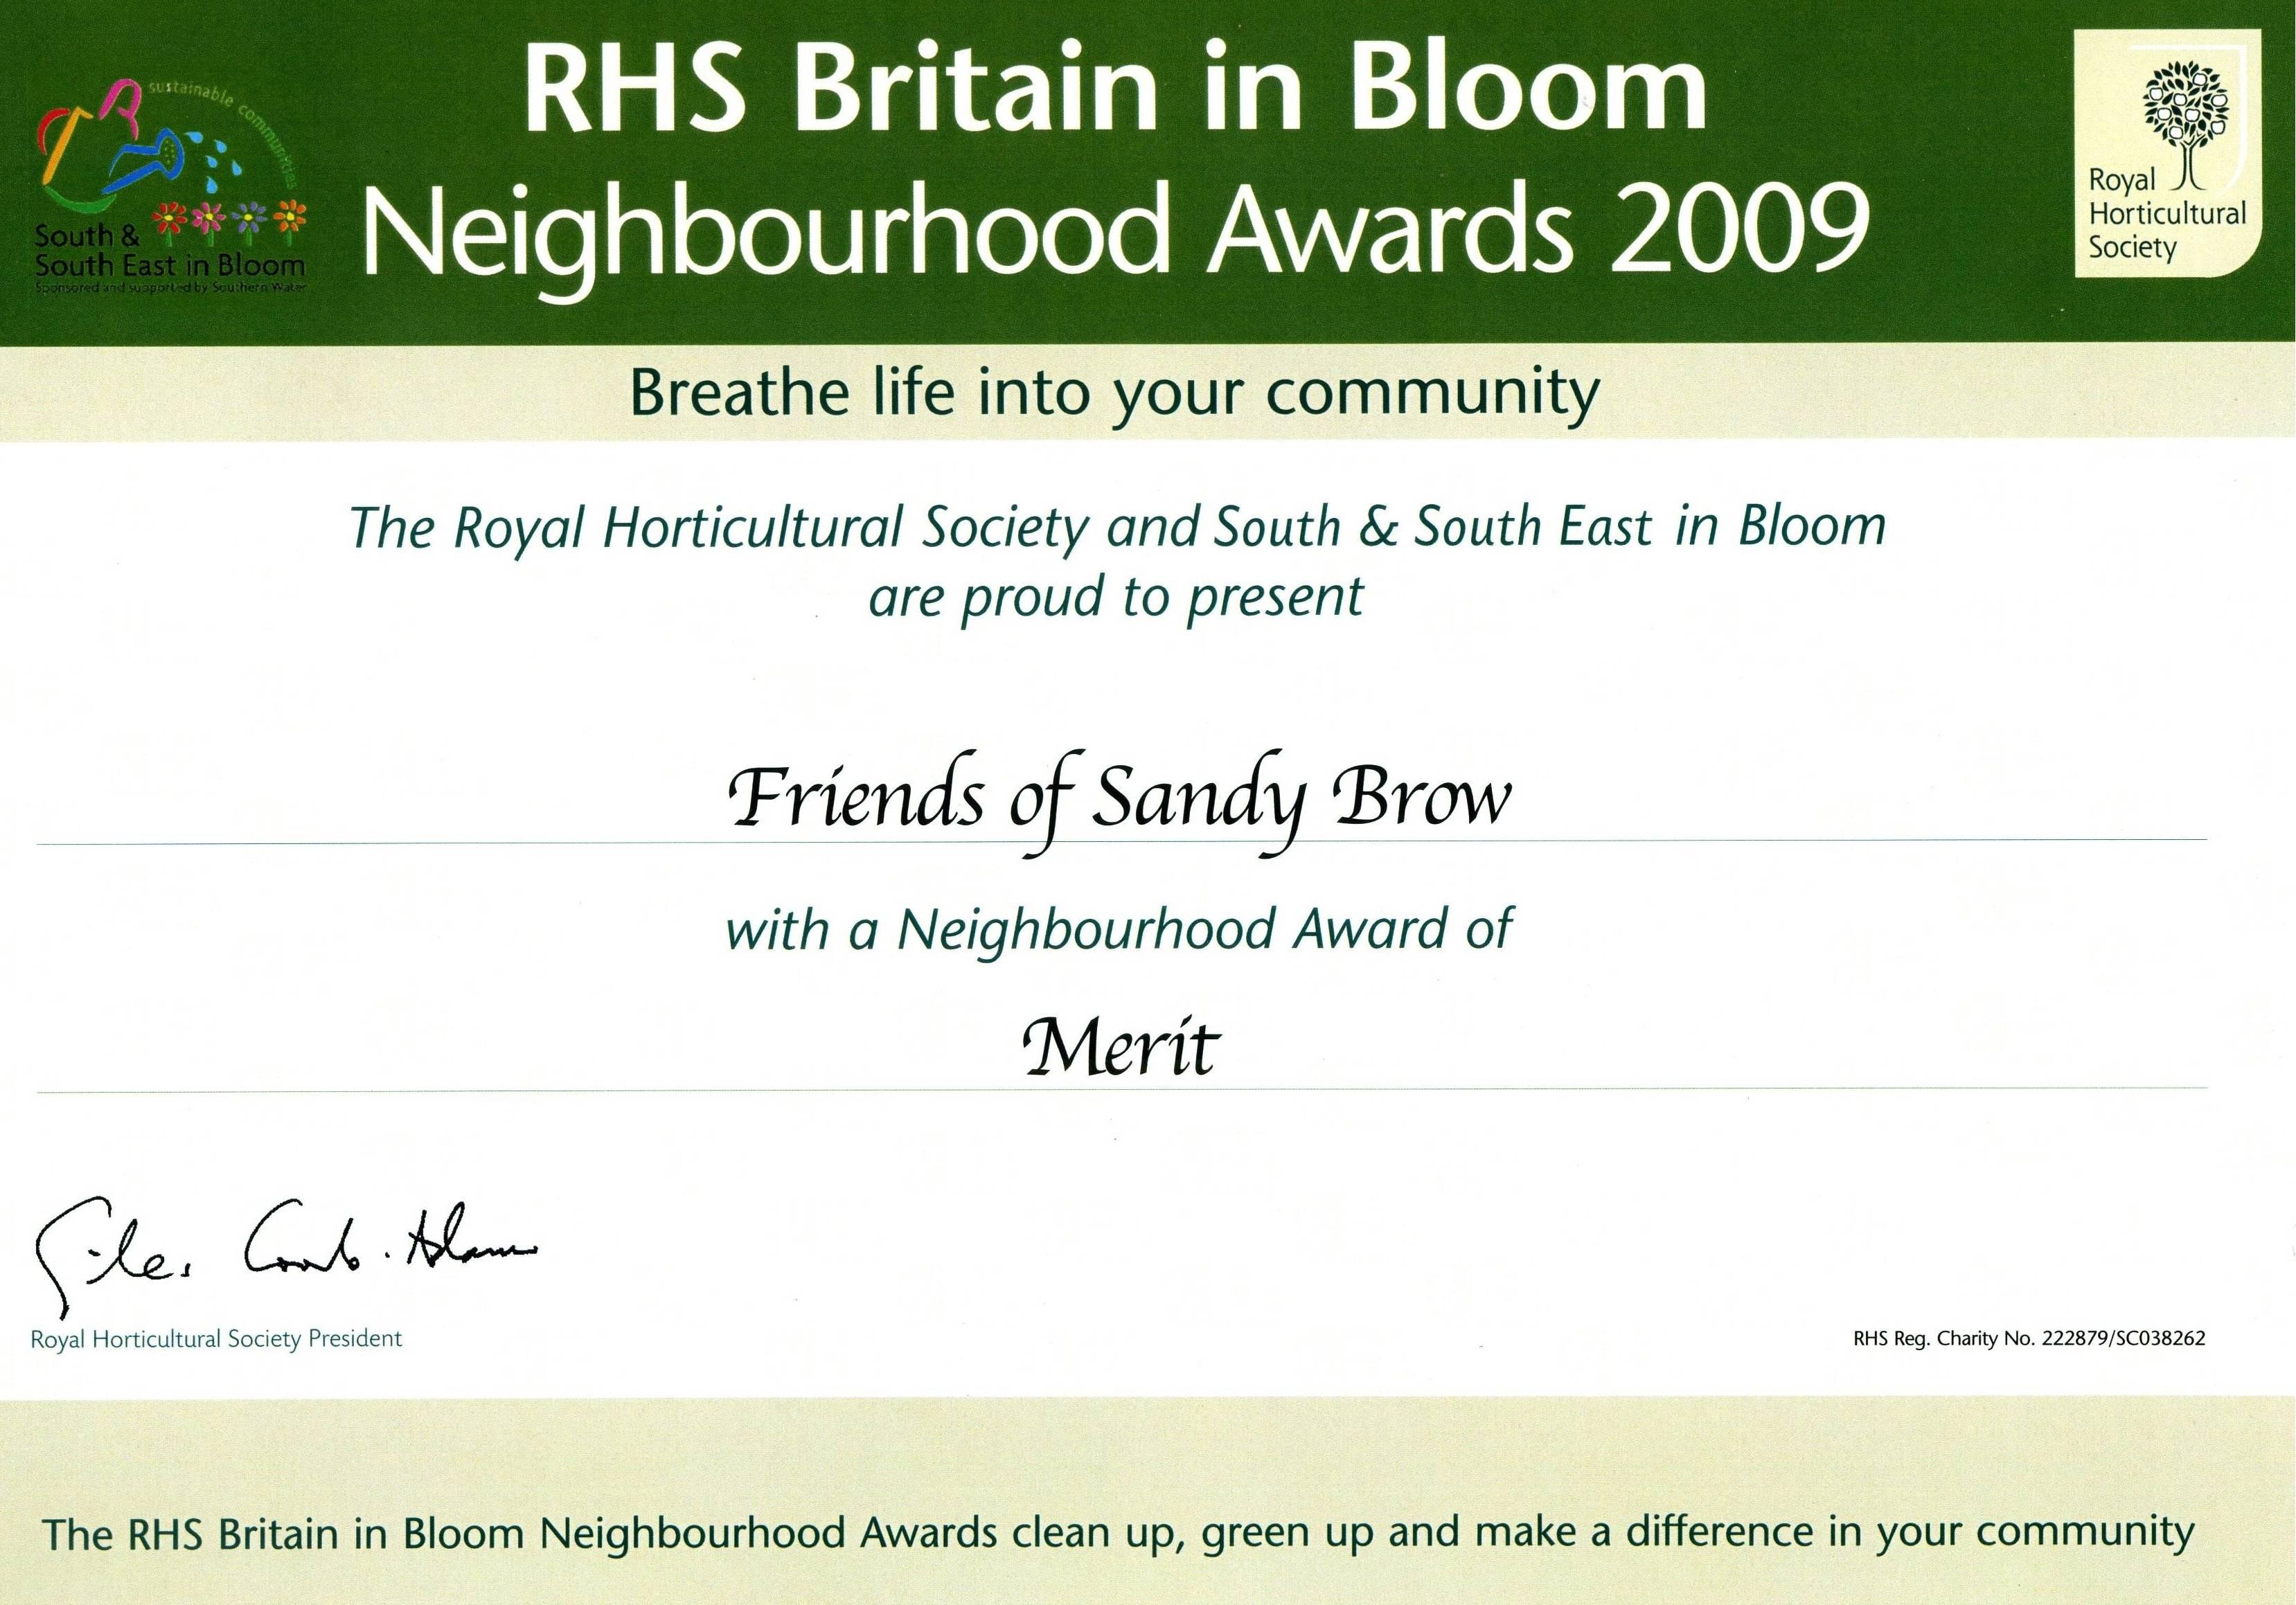 friends-of-sandy-brow-merit-cert-2009